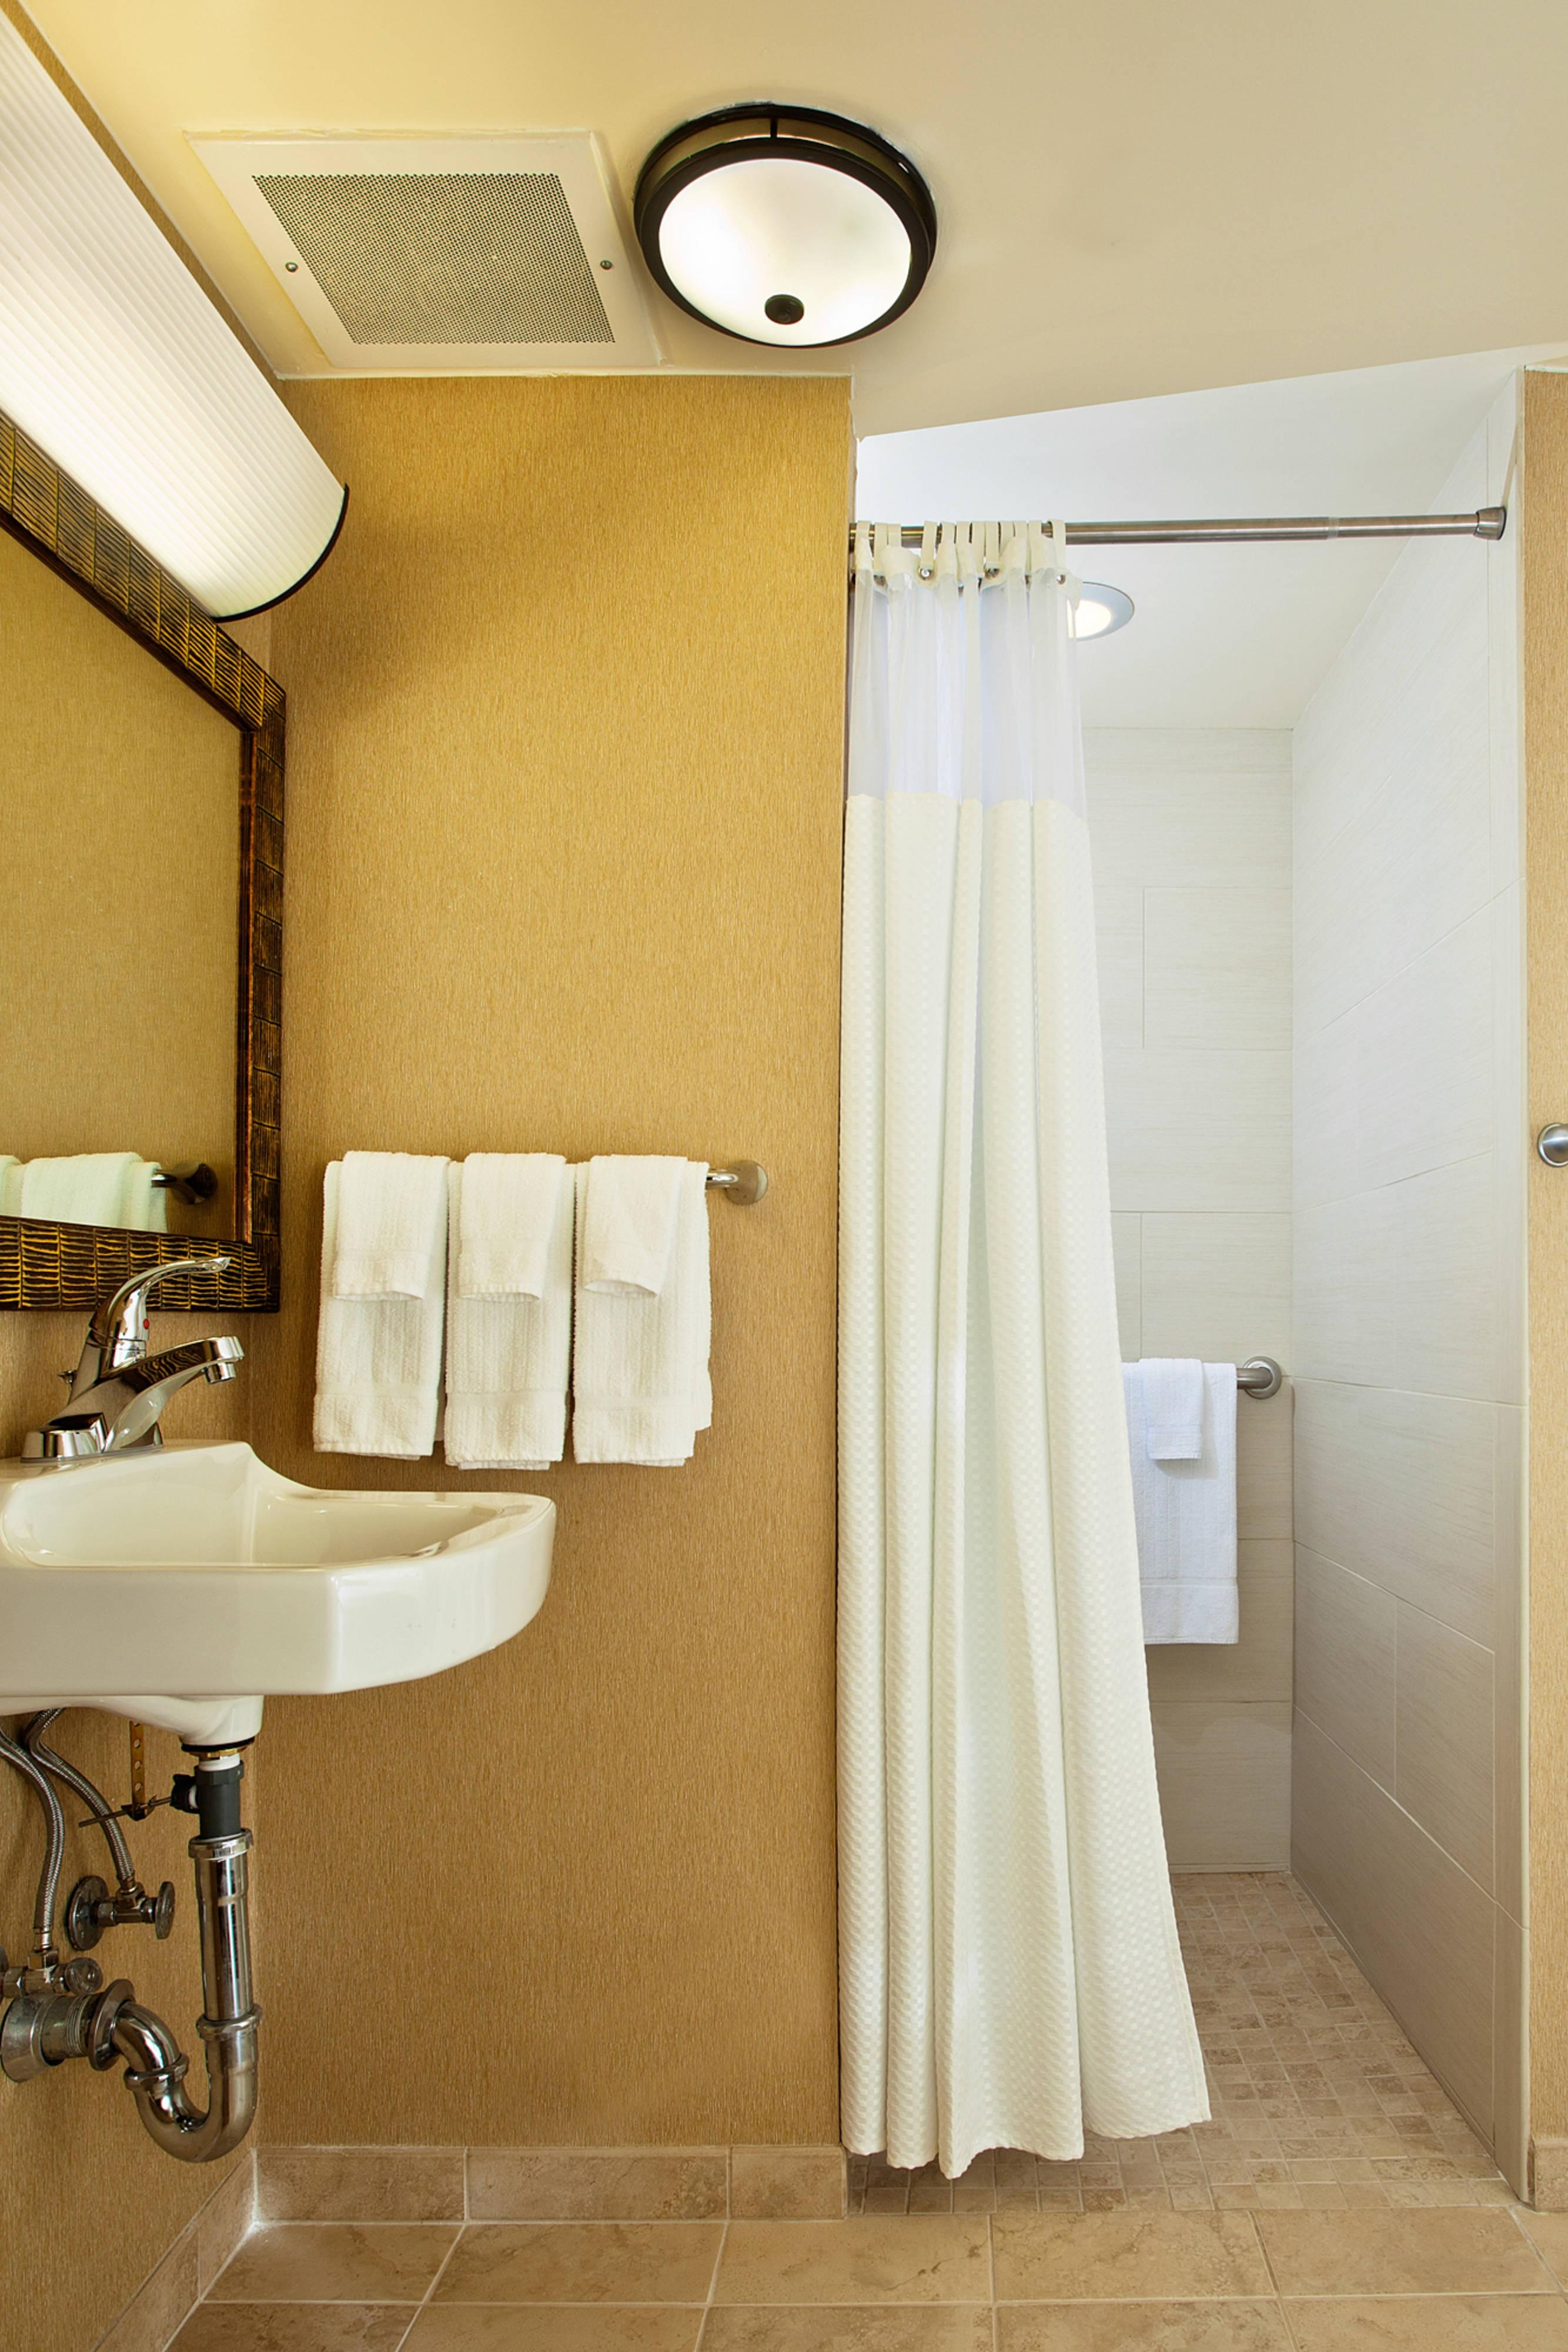 Banheiro para deficientes - chuveiro para cadeira de rodas